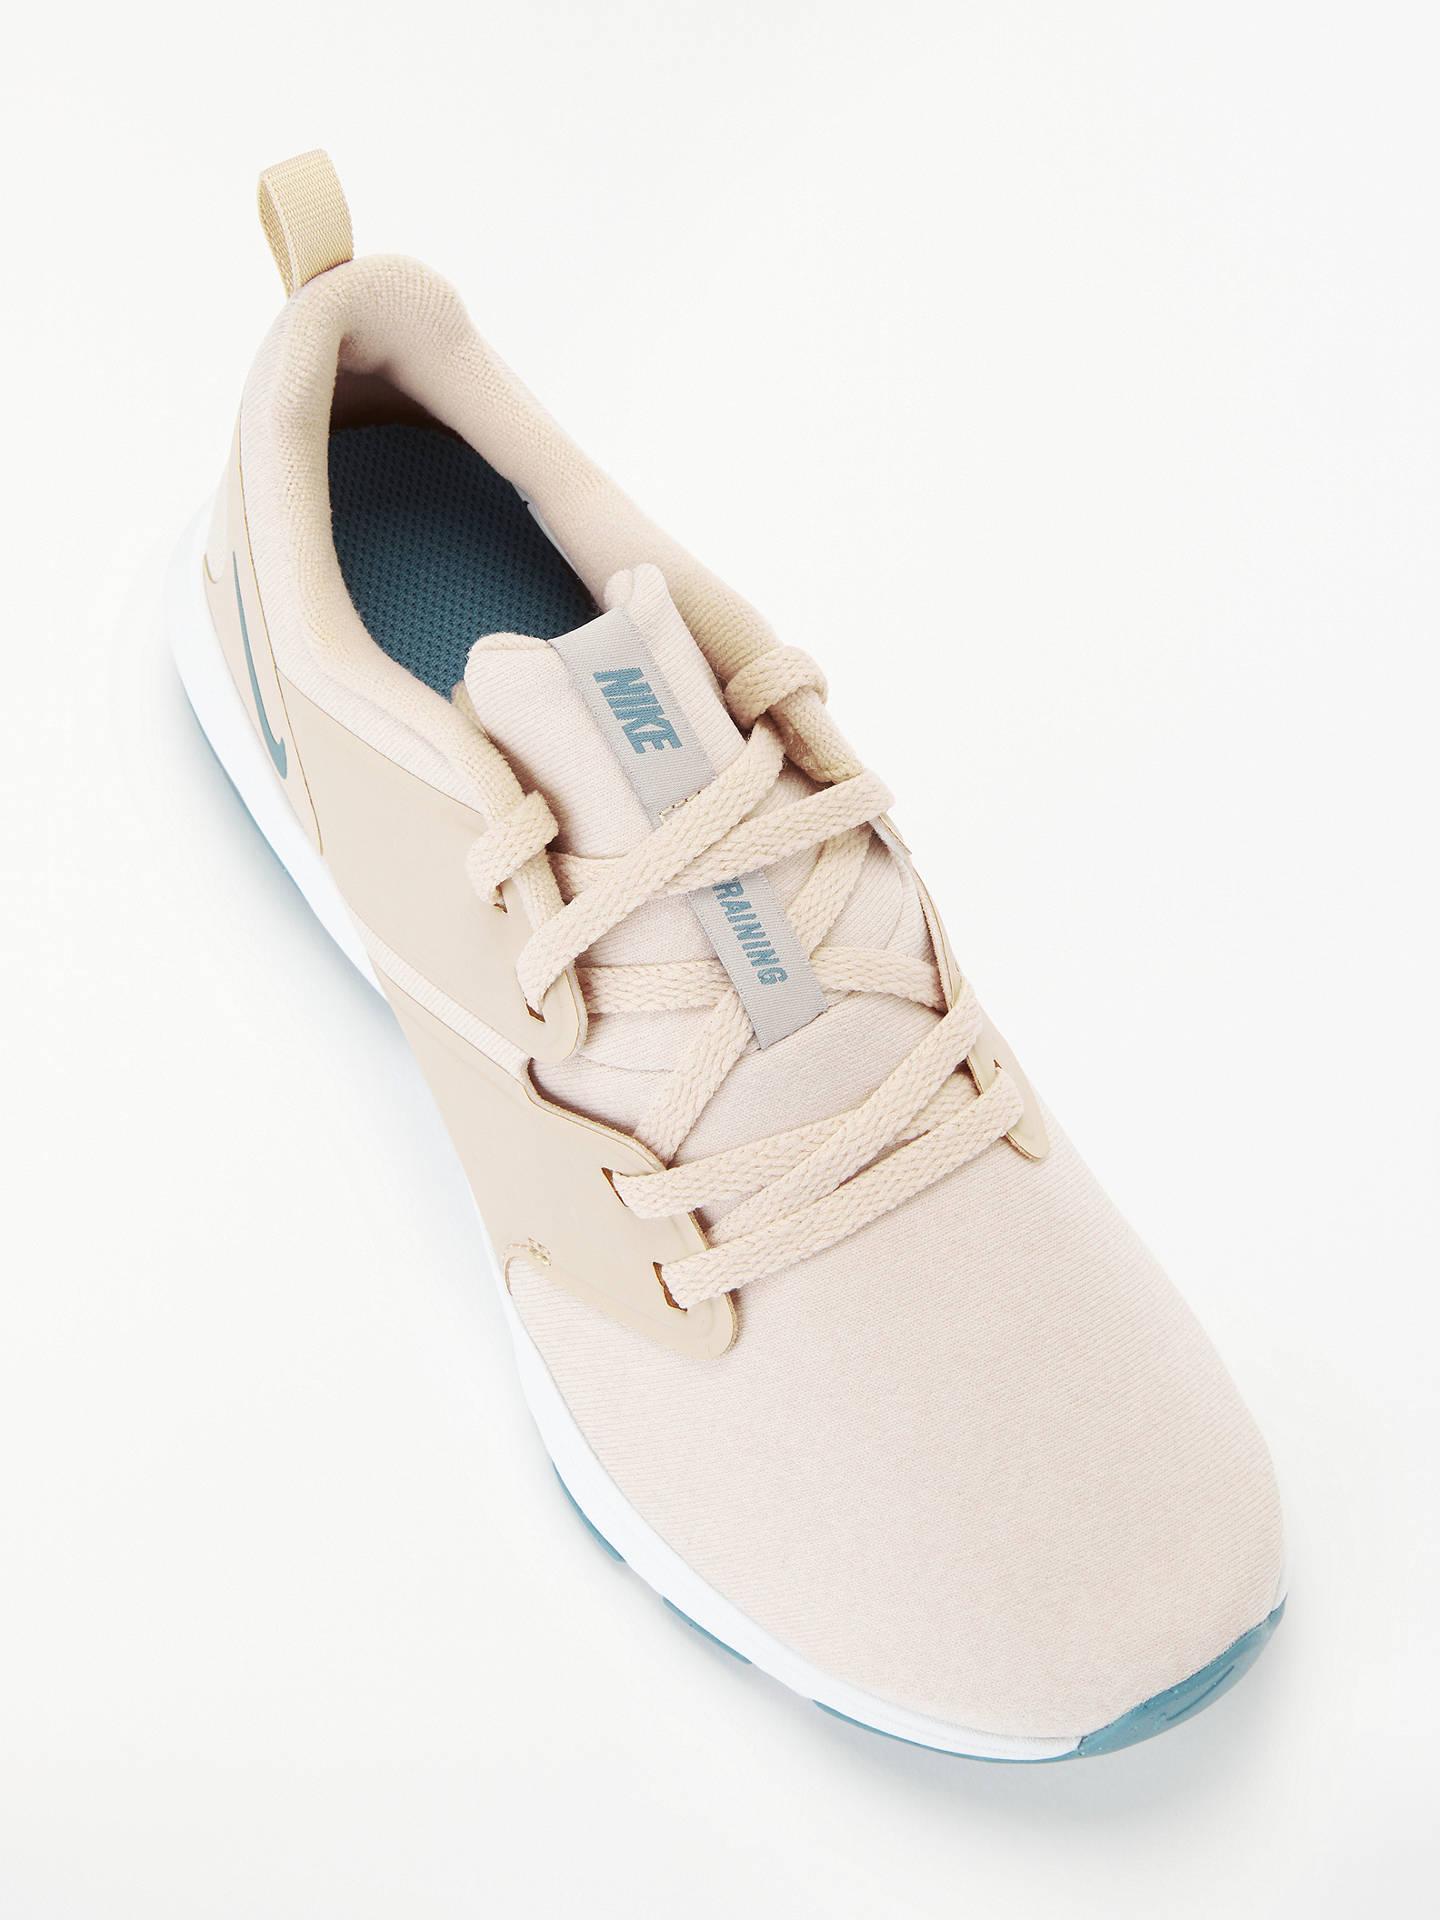 ... BuyNike Air Bella TR Women s Training Shoes 4ad794797efb9